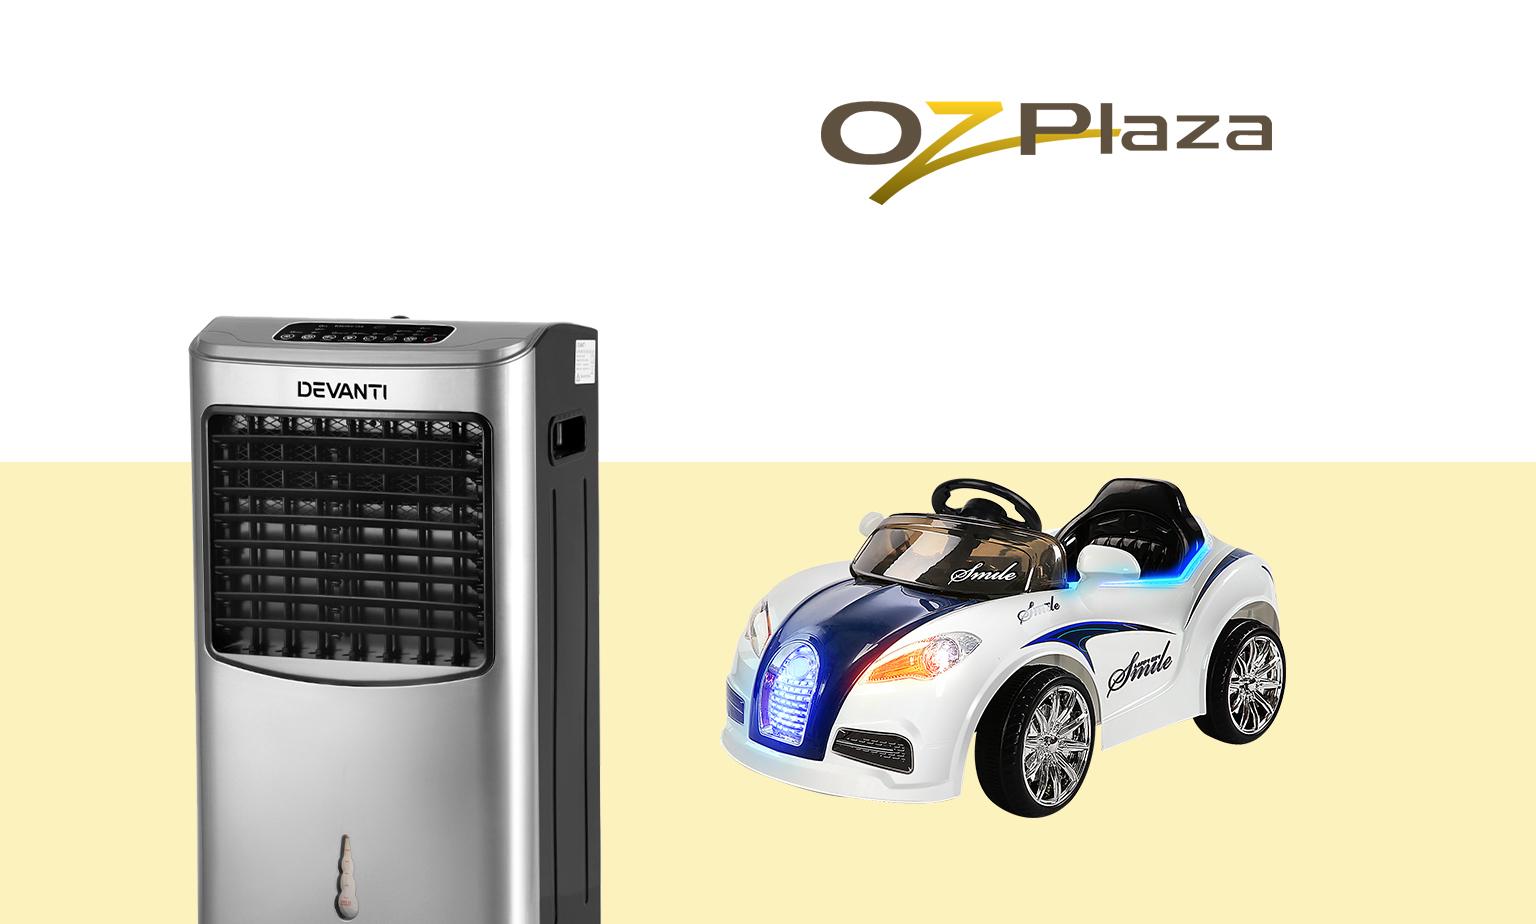 20% off at Oz Plaza*